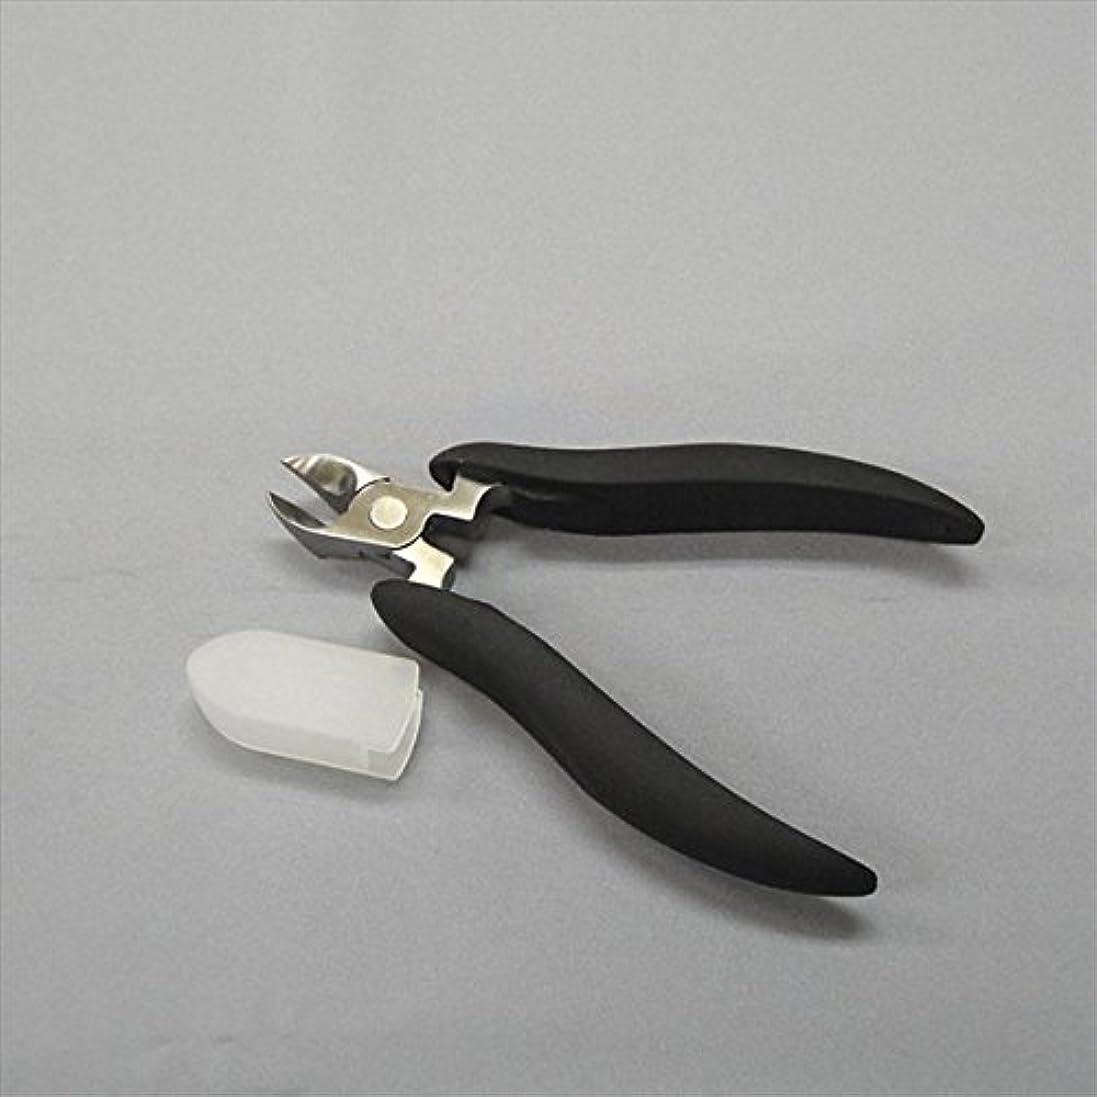 宣言発表マガジンニッケン刃物:ニッパー式爪切り LS-300